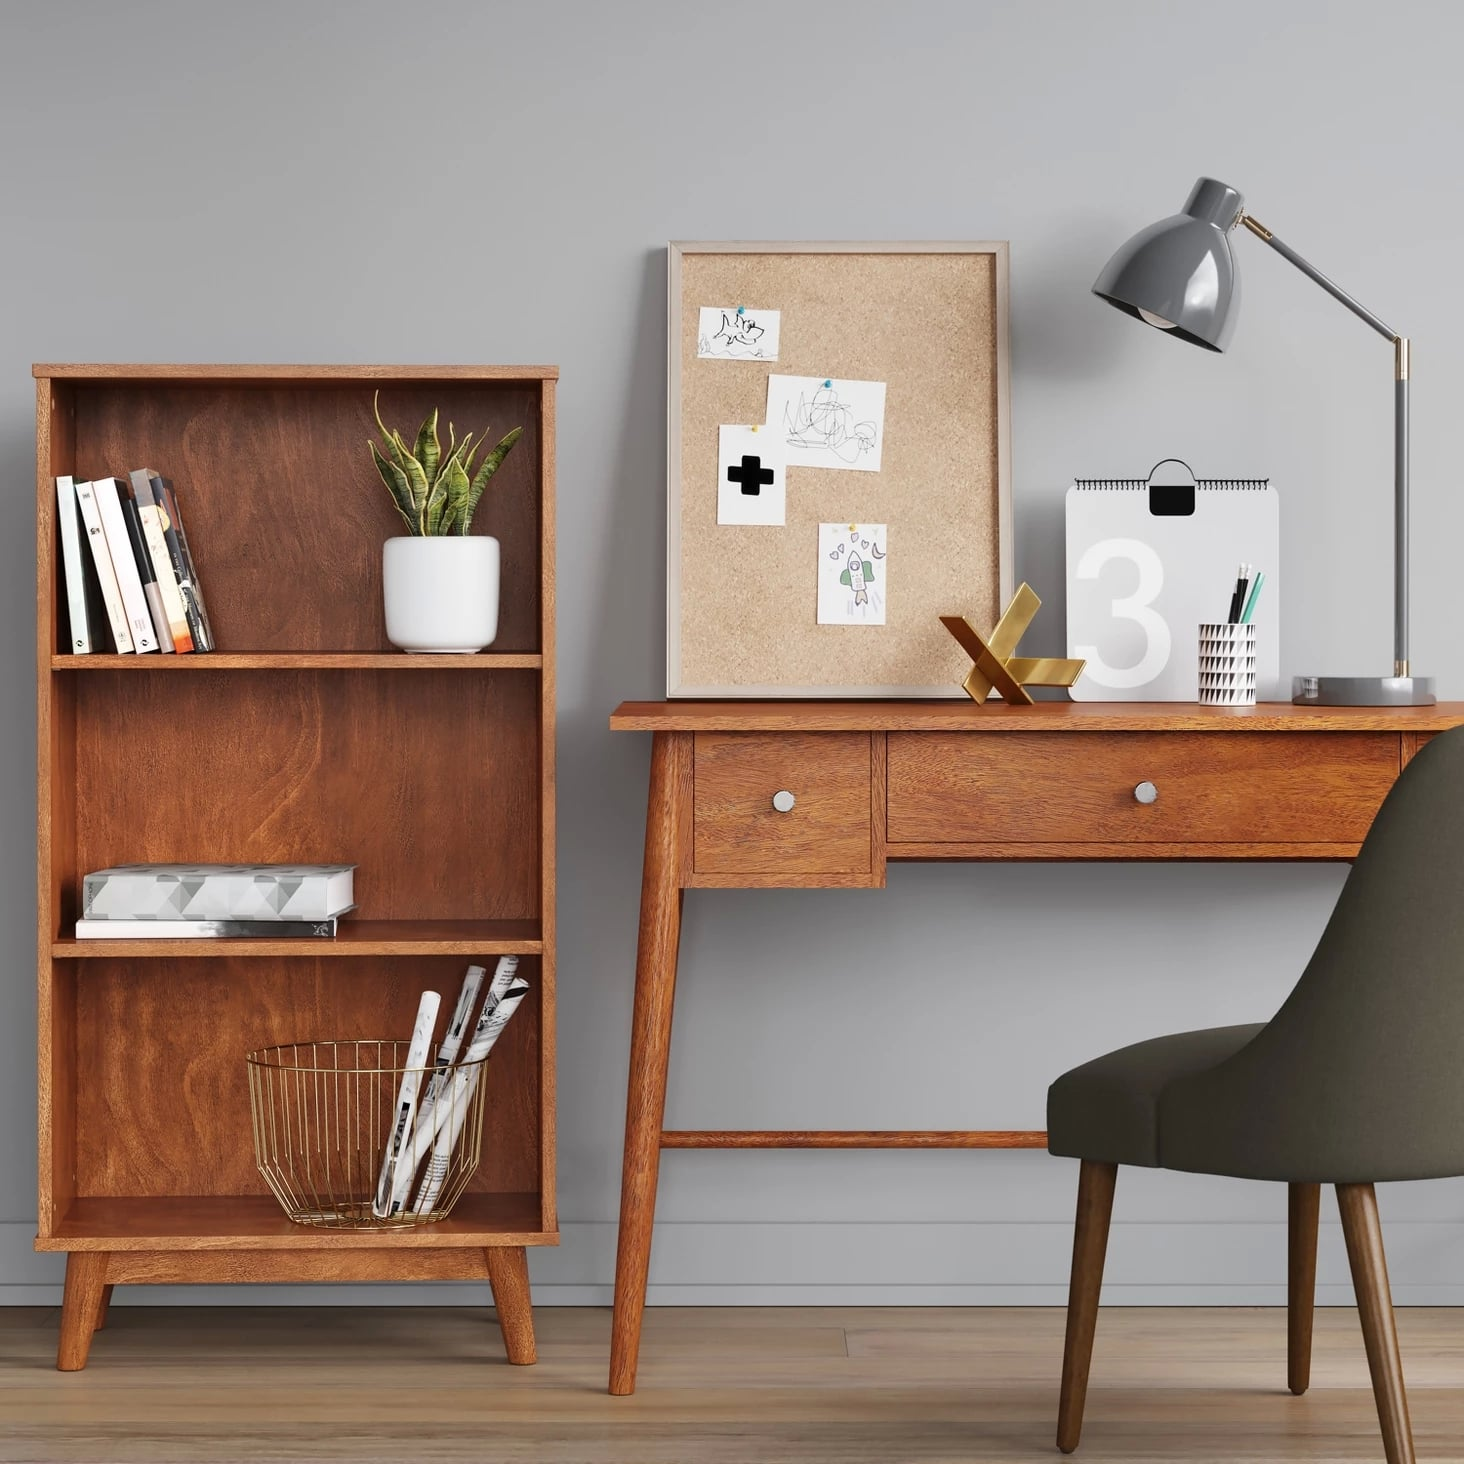 Amherst Midcentury Modern Three Shelf Bookcase Prepare